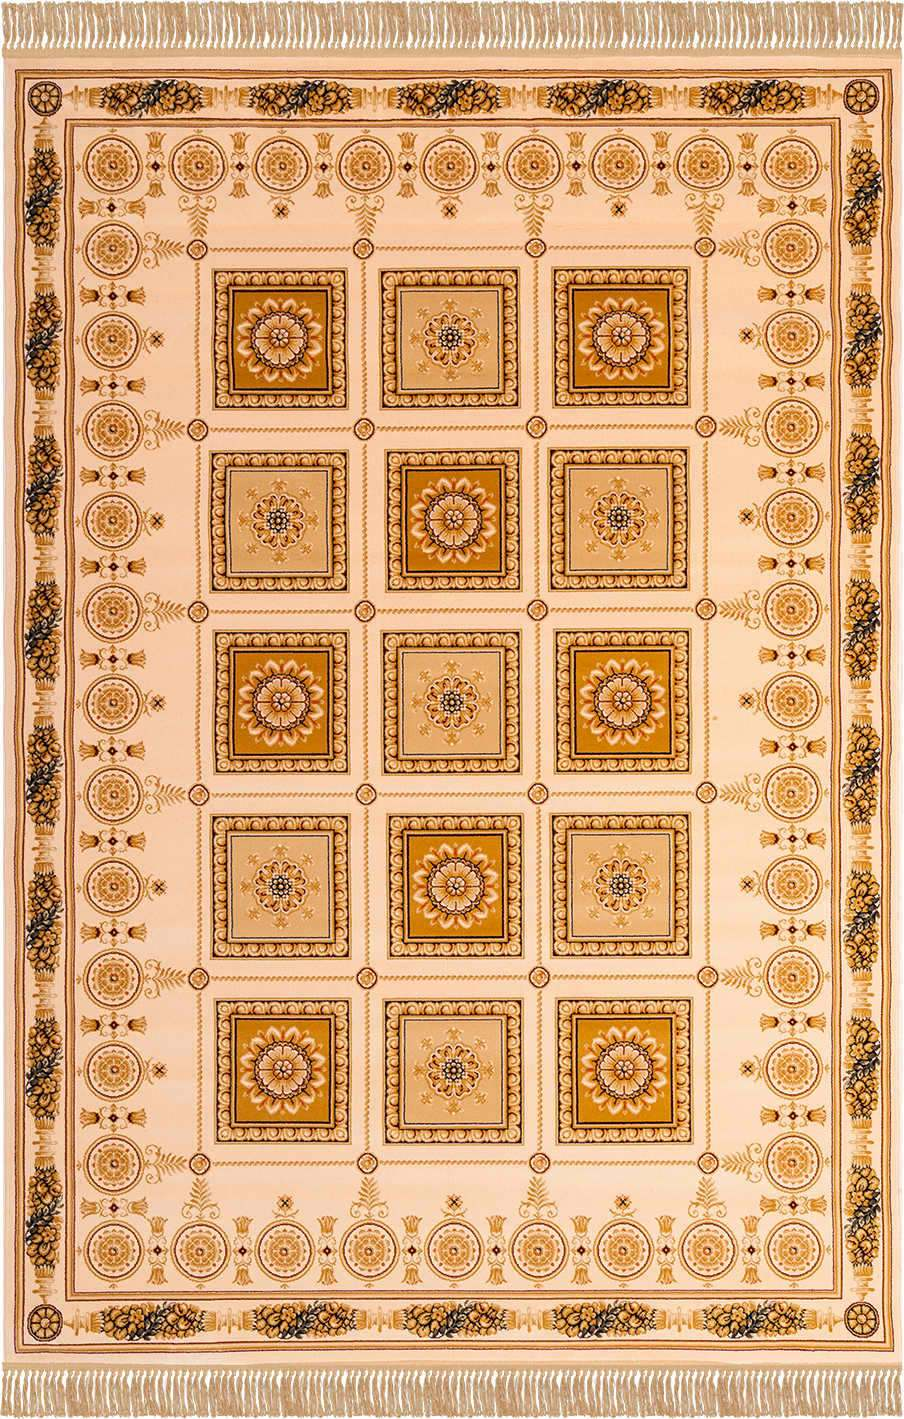 Шерстяной ковер коллекции «Imperial Qum», 26967, 150x80 см